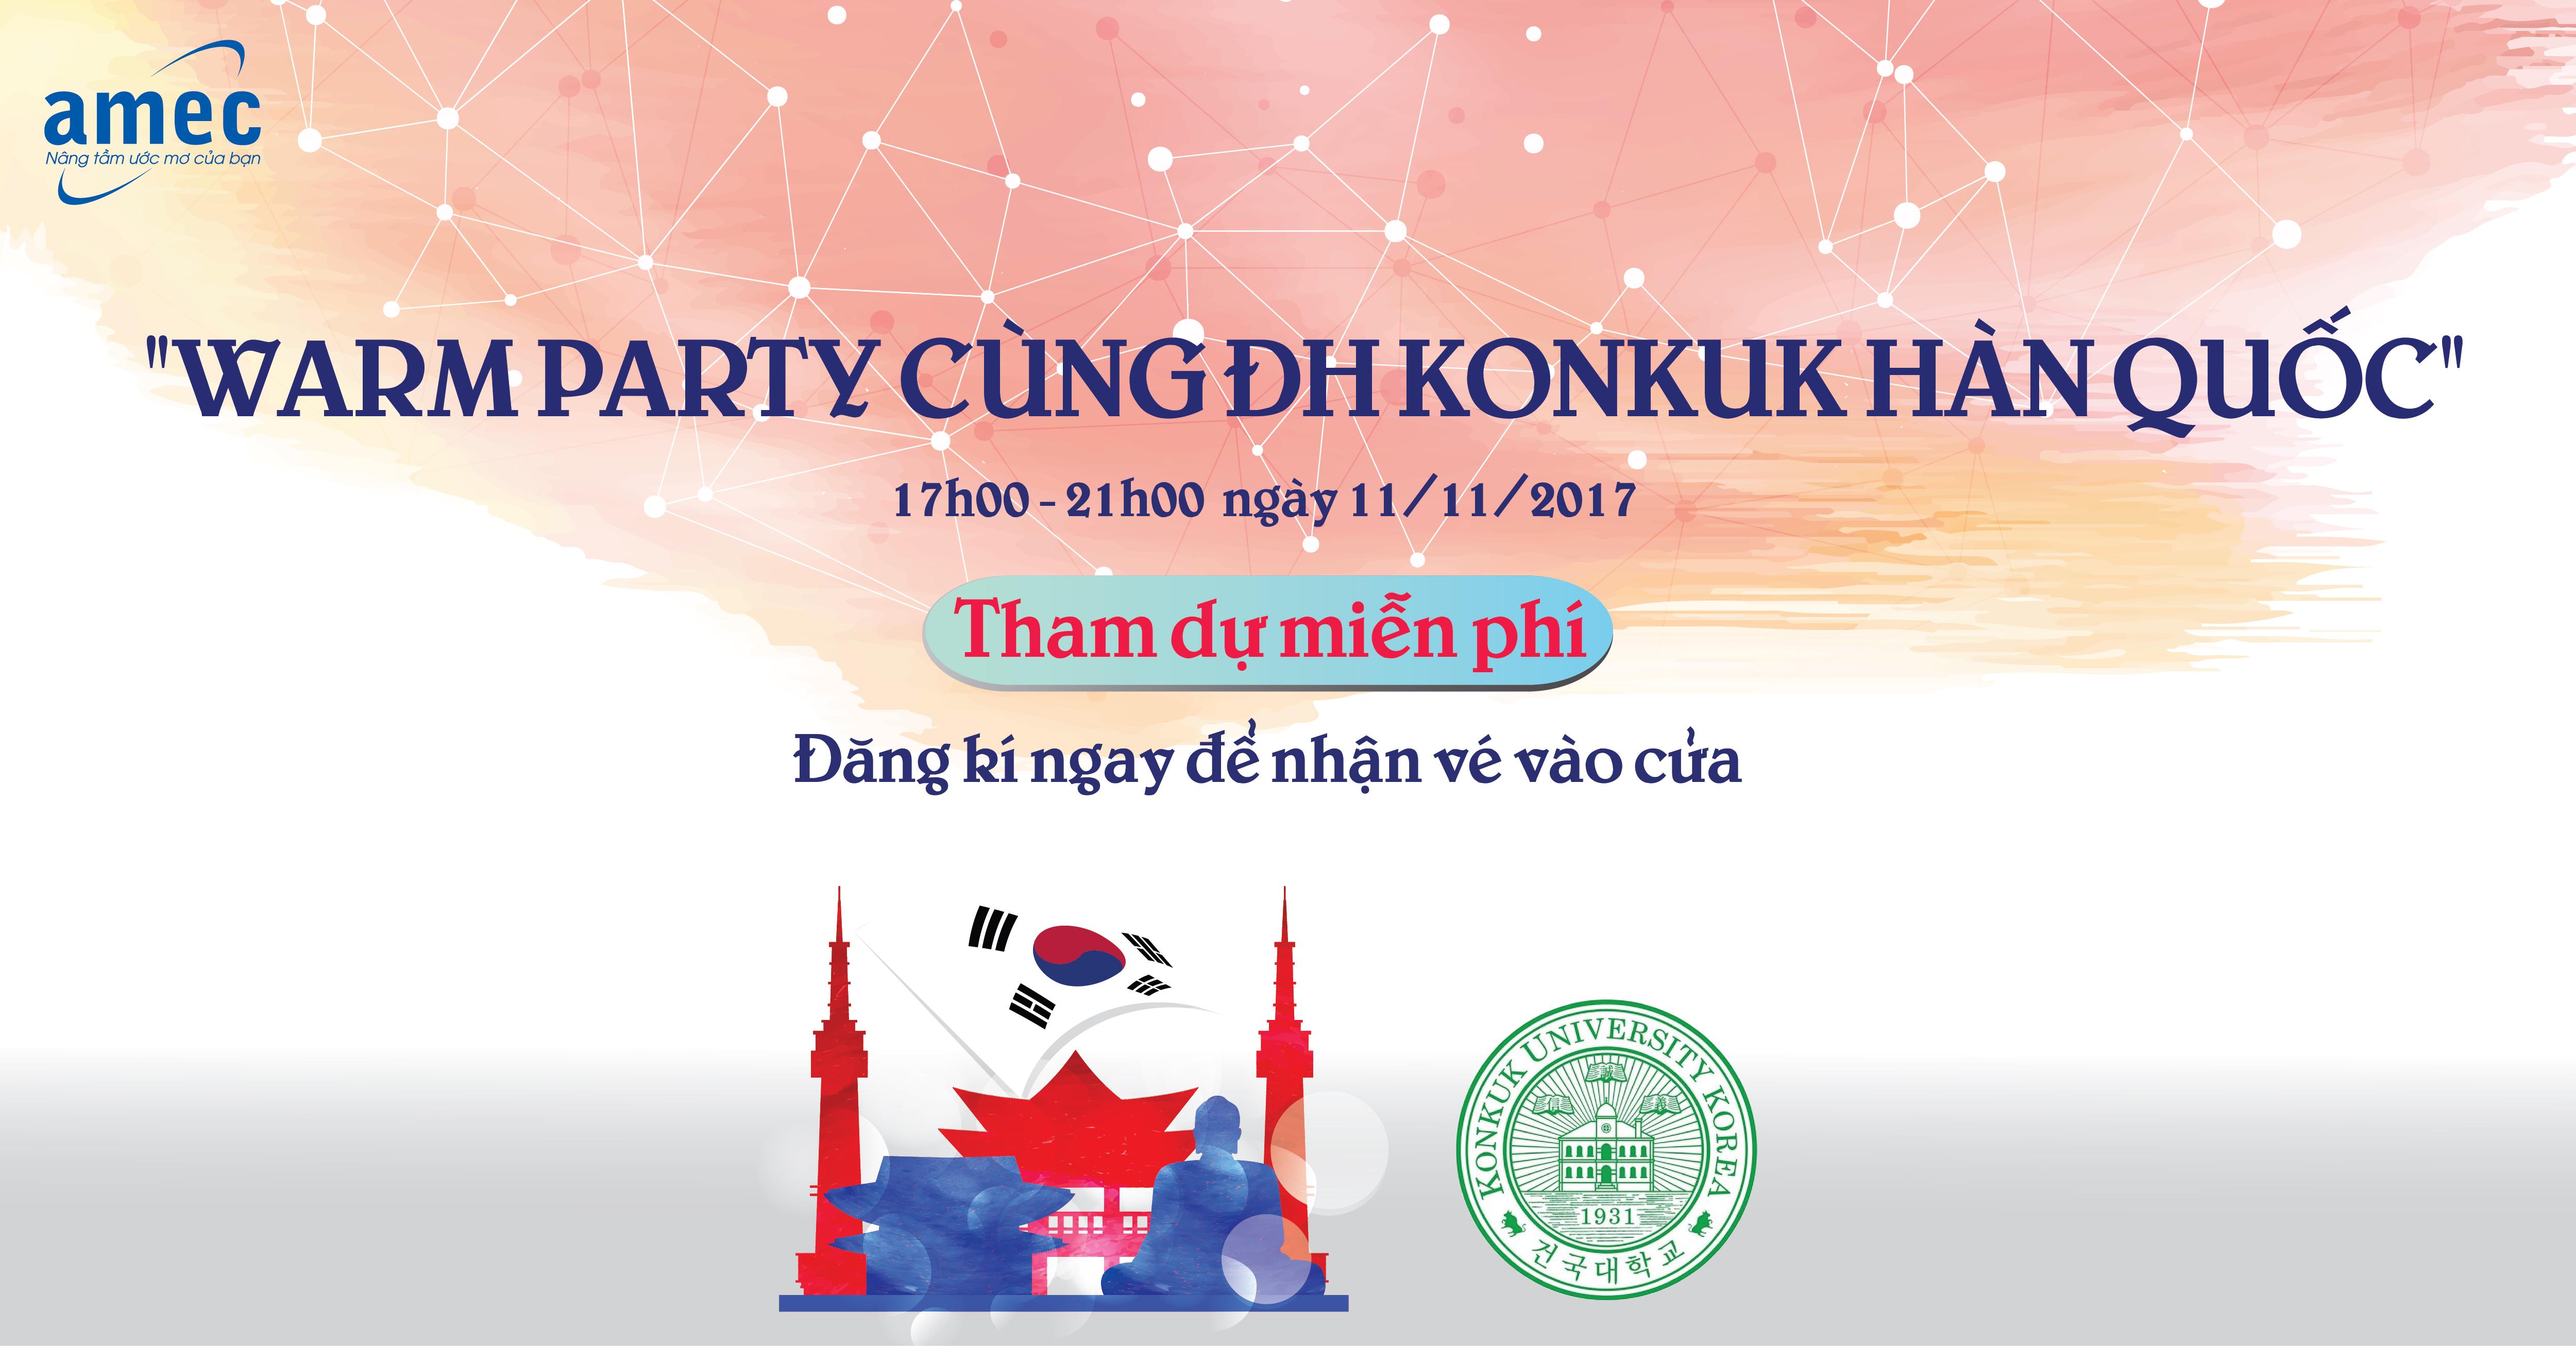 """Tham dự miễn phí sự kiện """"Warm Party cùng ĐH Konkuk Hàn Quốc"""""""